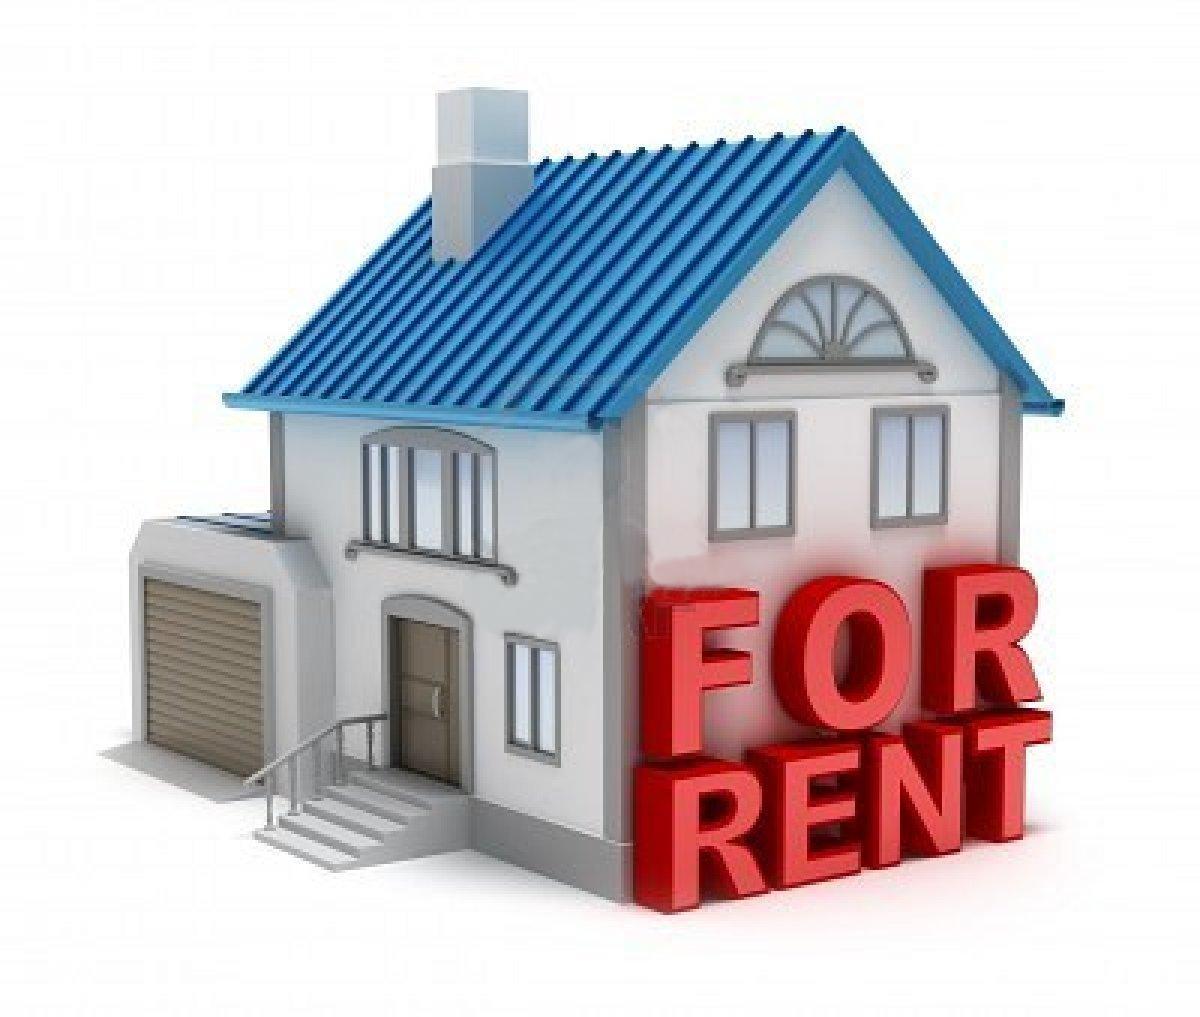 commercial real estate investing loans- loveland colorado, fort collins colorado, denver, colorado, colorado springs, coloradoo